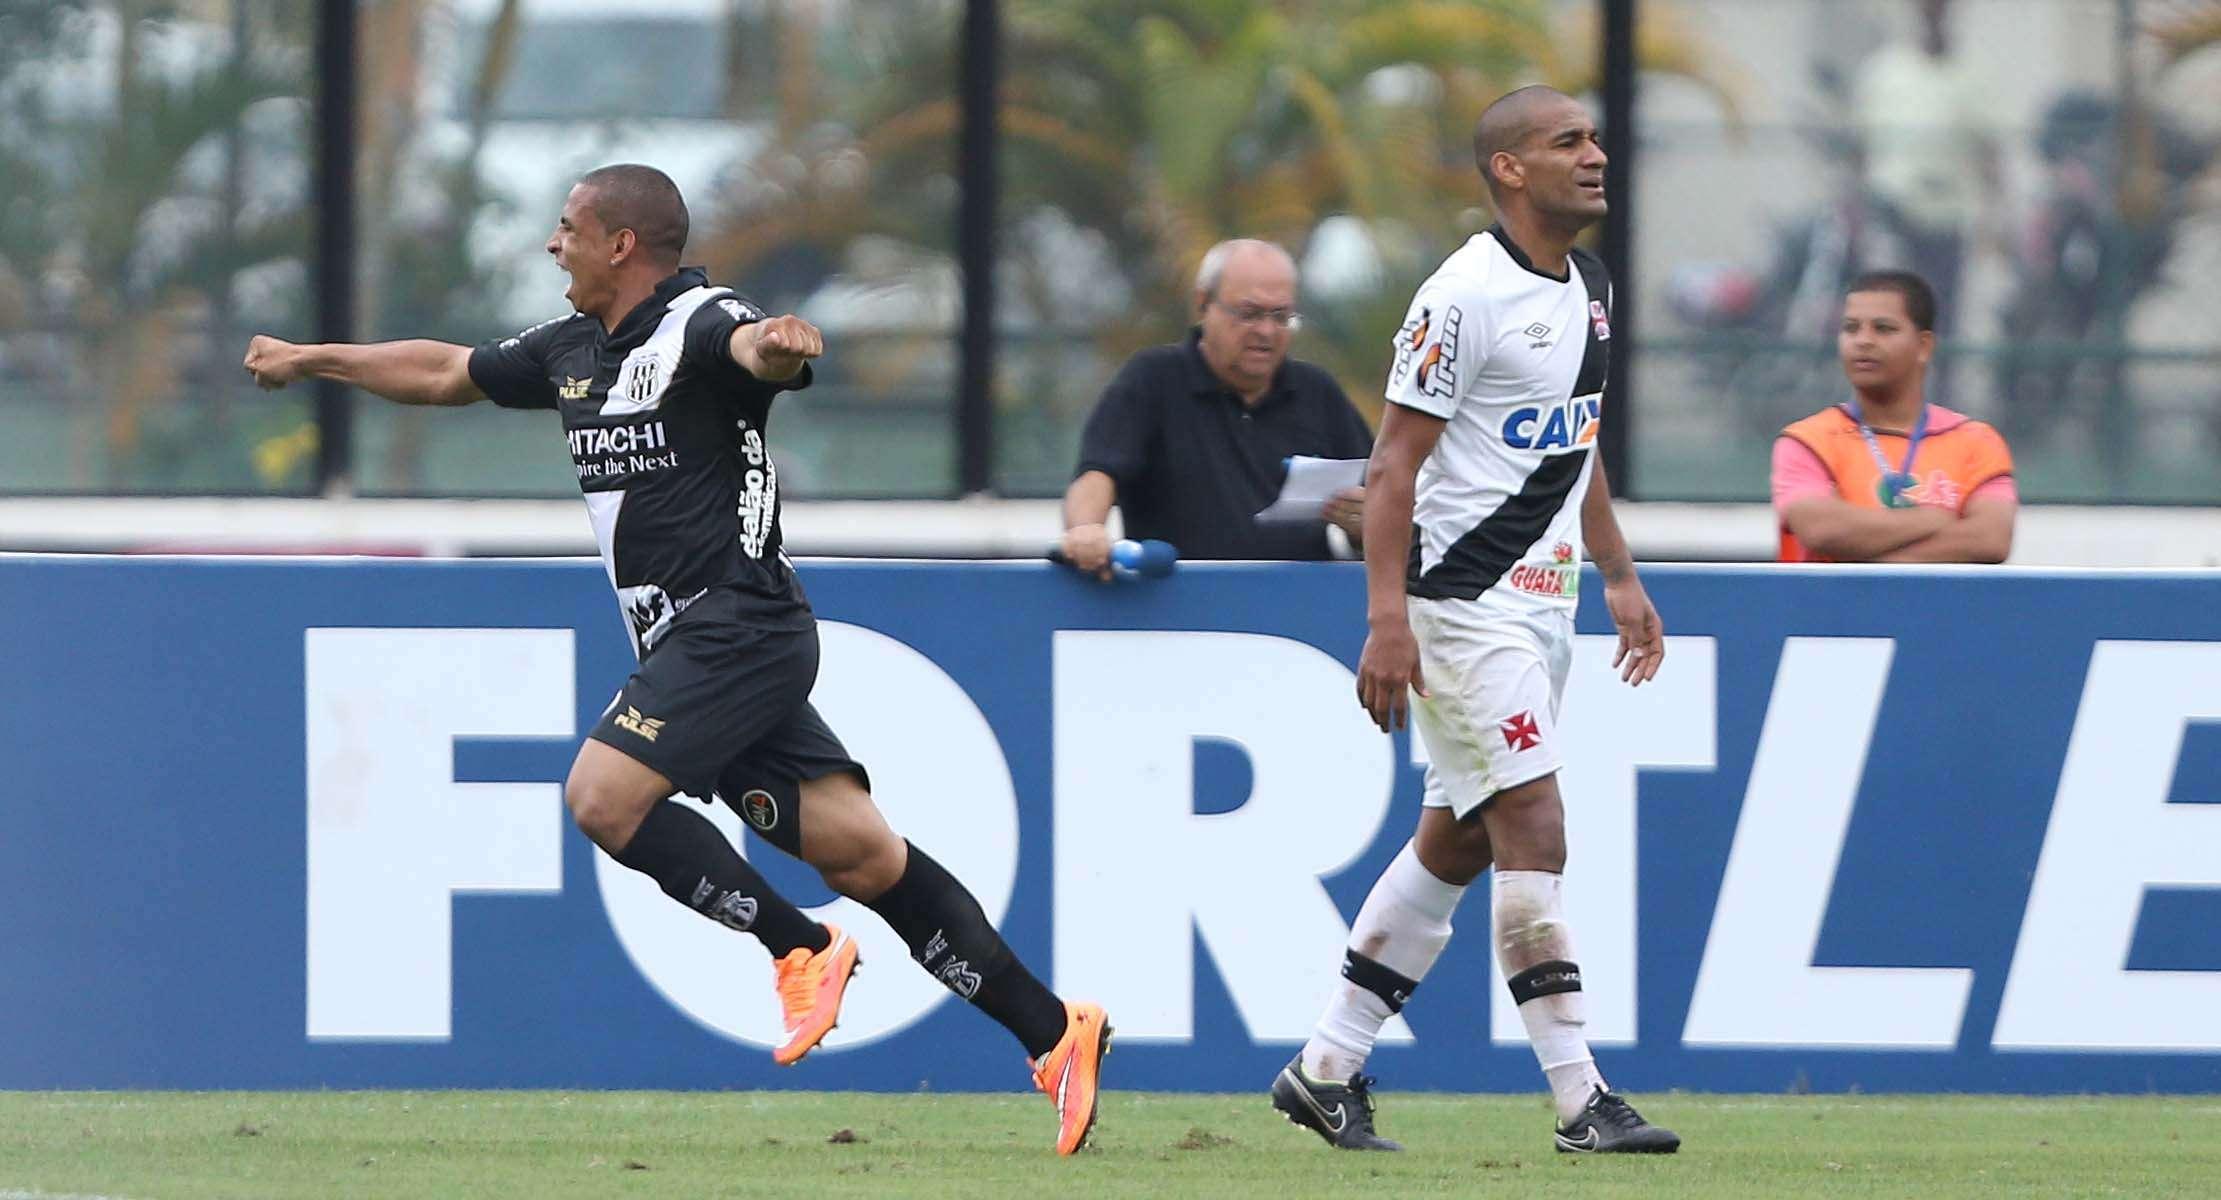 Ponte chegou ao empate logo depois sair atrás no placar Foto: Cleber Mendes/Agência Lance